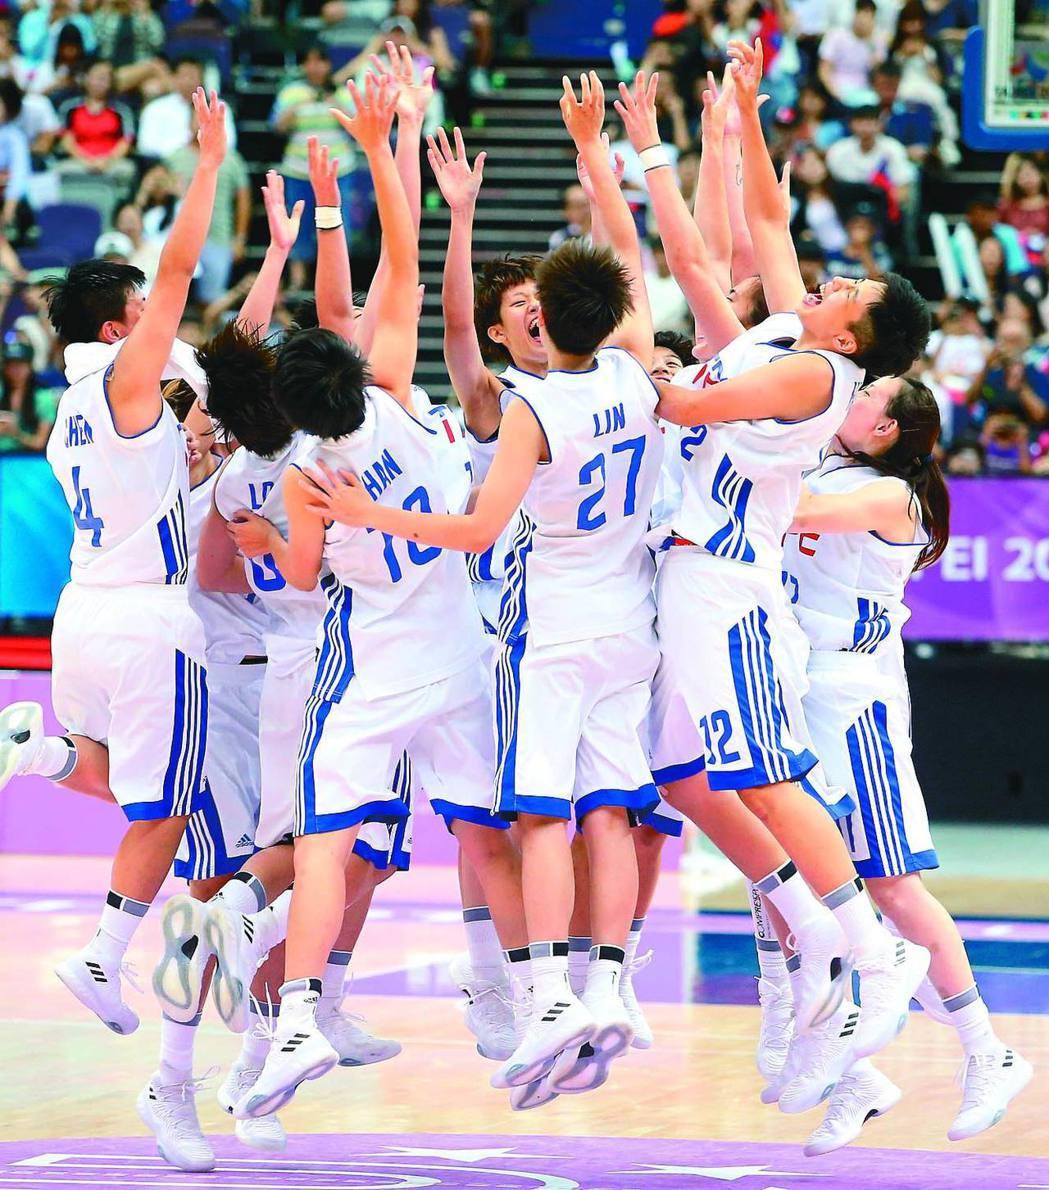 世大運女籃銅牌戰,中華隊上演感動一戰,擊敗俄羅斯隊,球員興奮地在場中跳躍慶賀。 ...